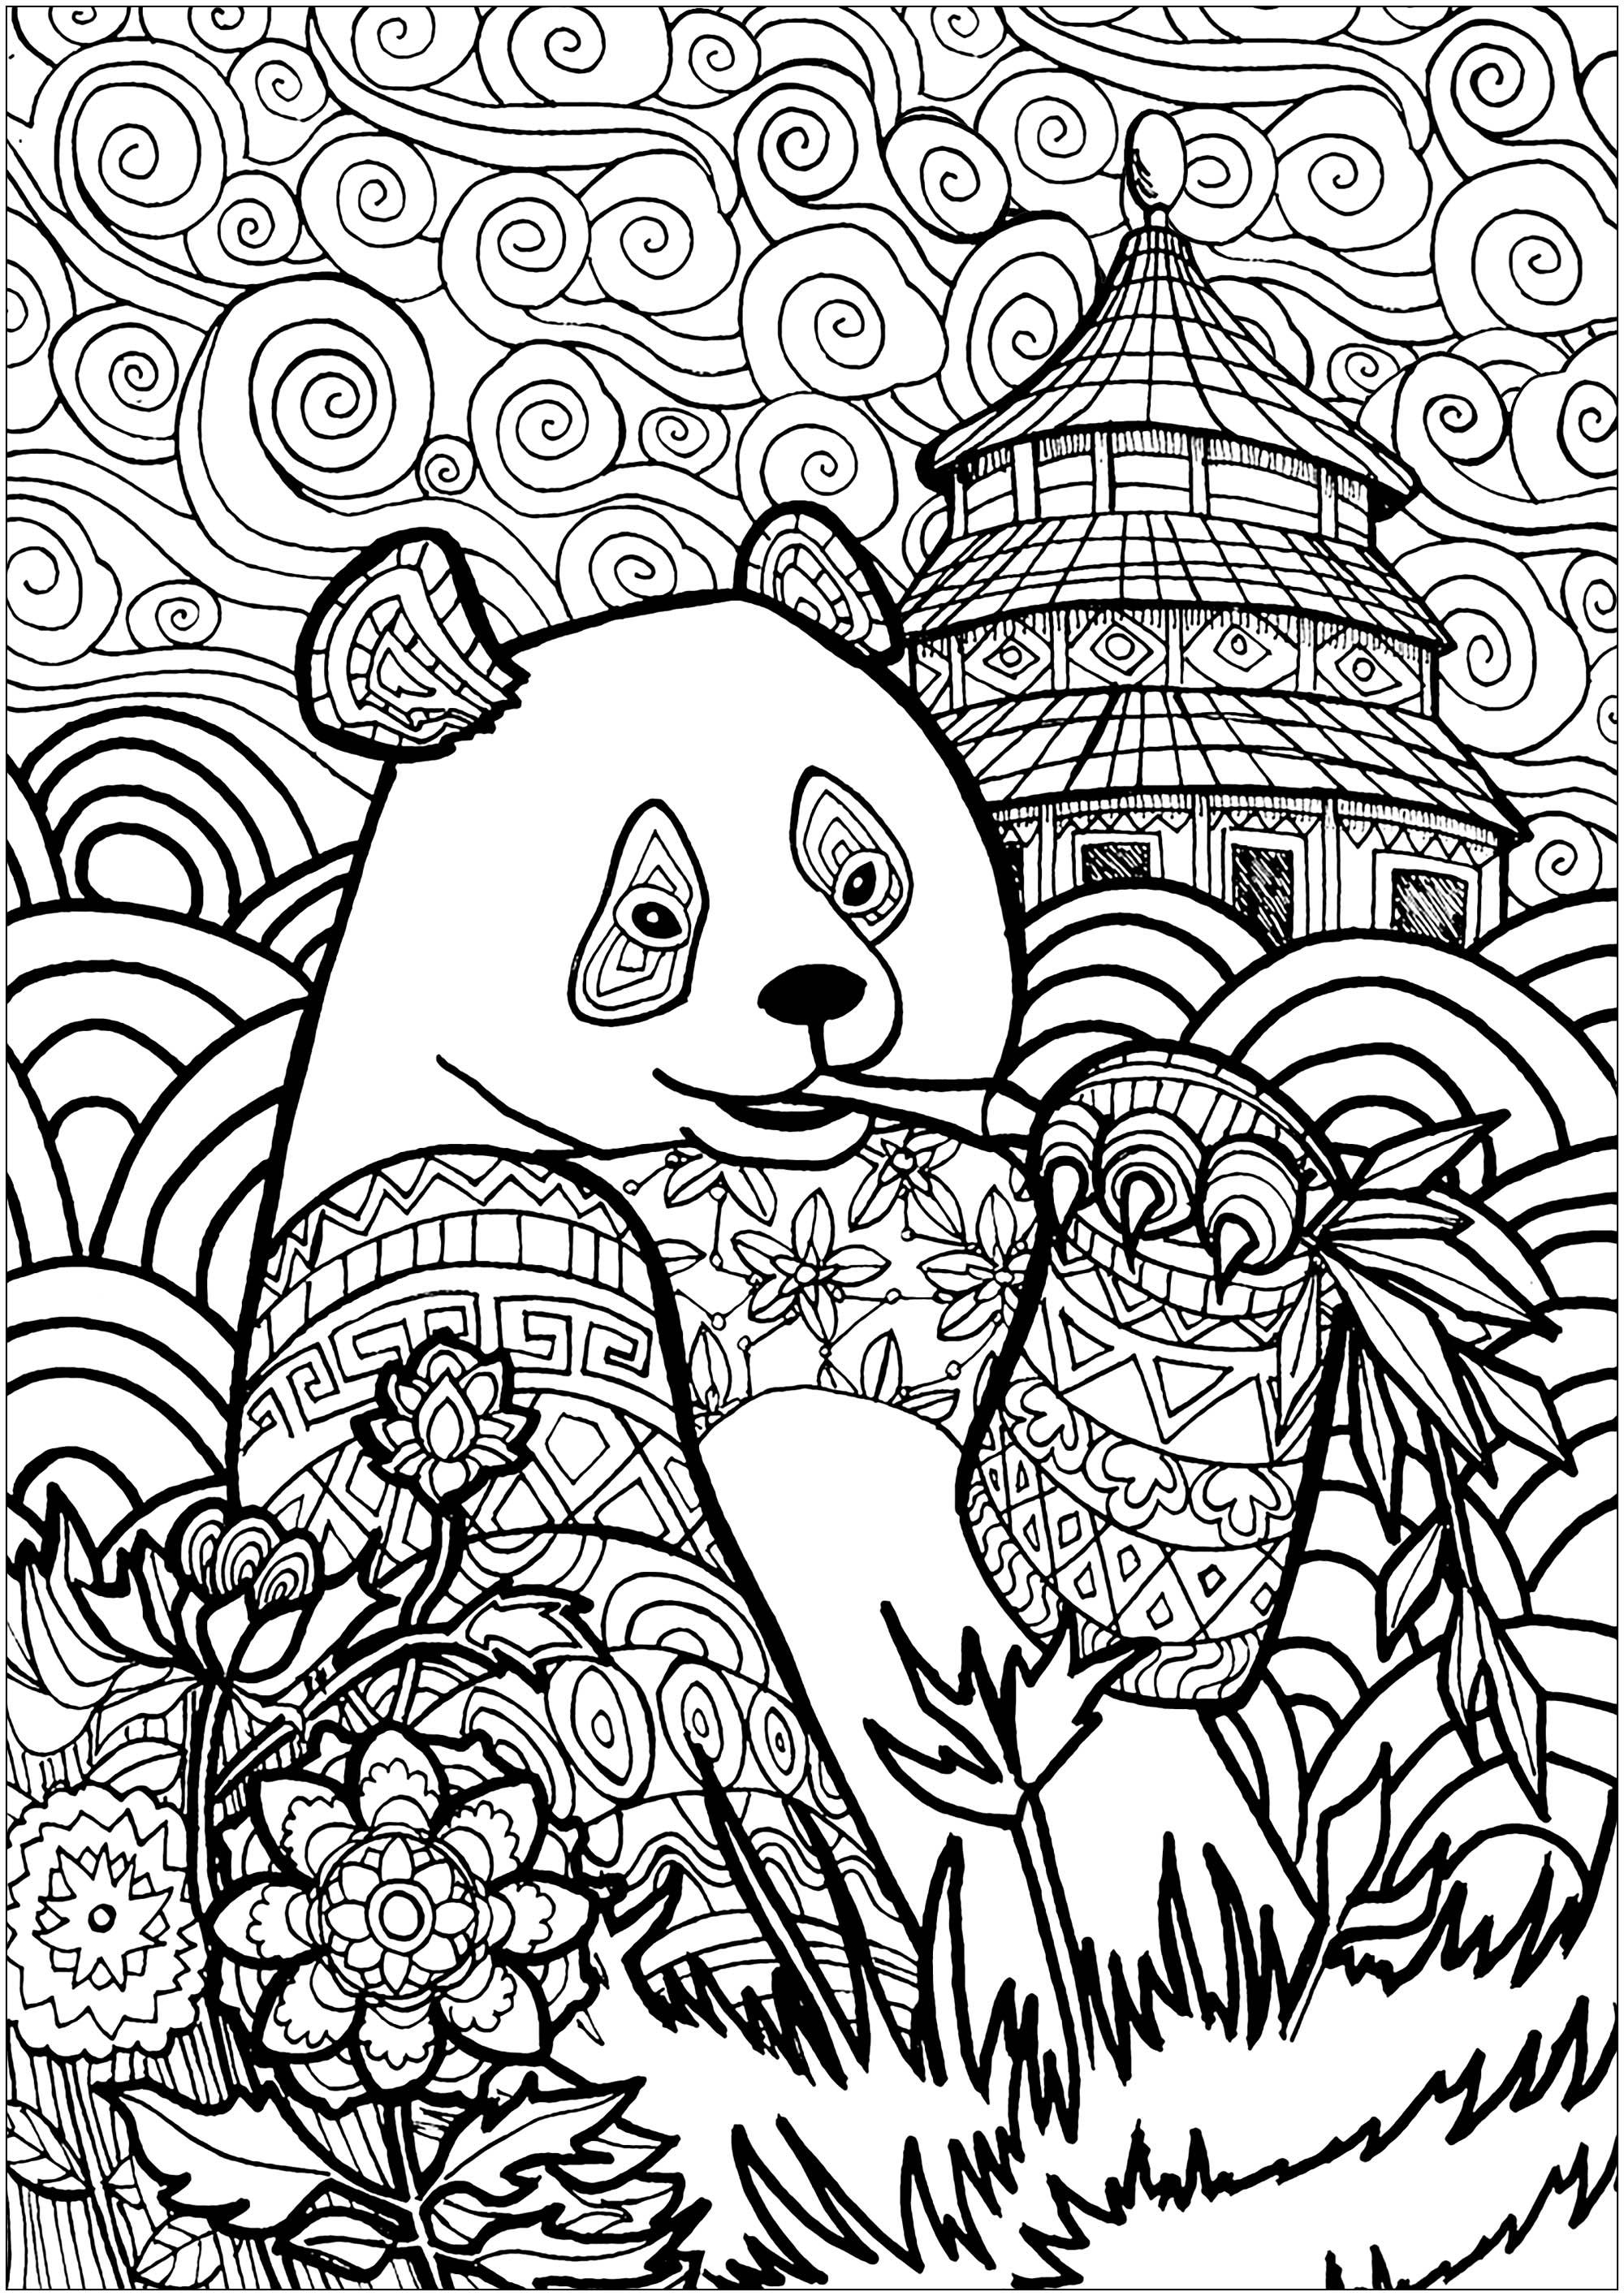 Panda mangeant du bambou, avec joli ciel et beaux motifs